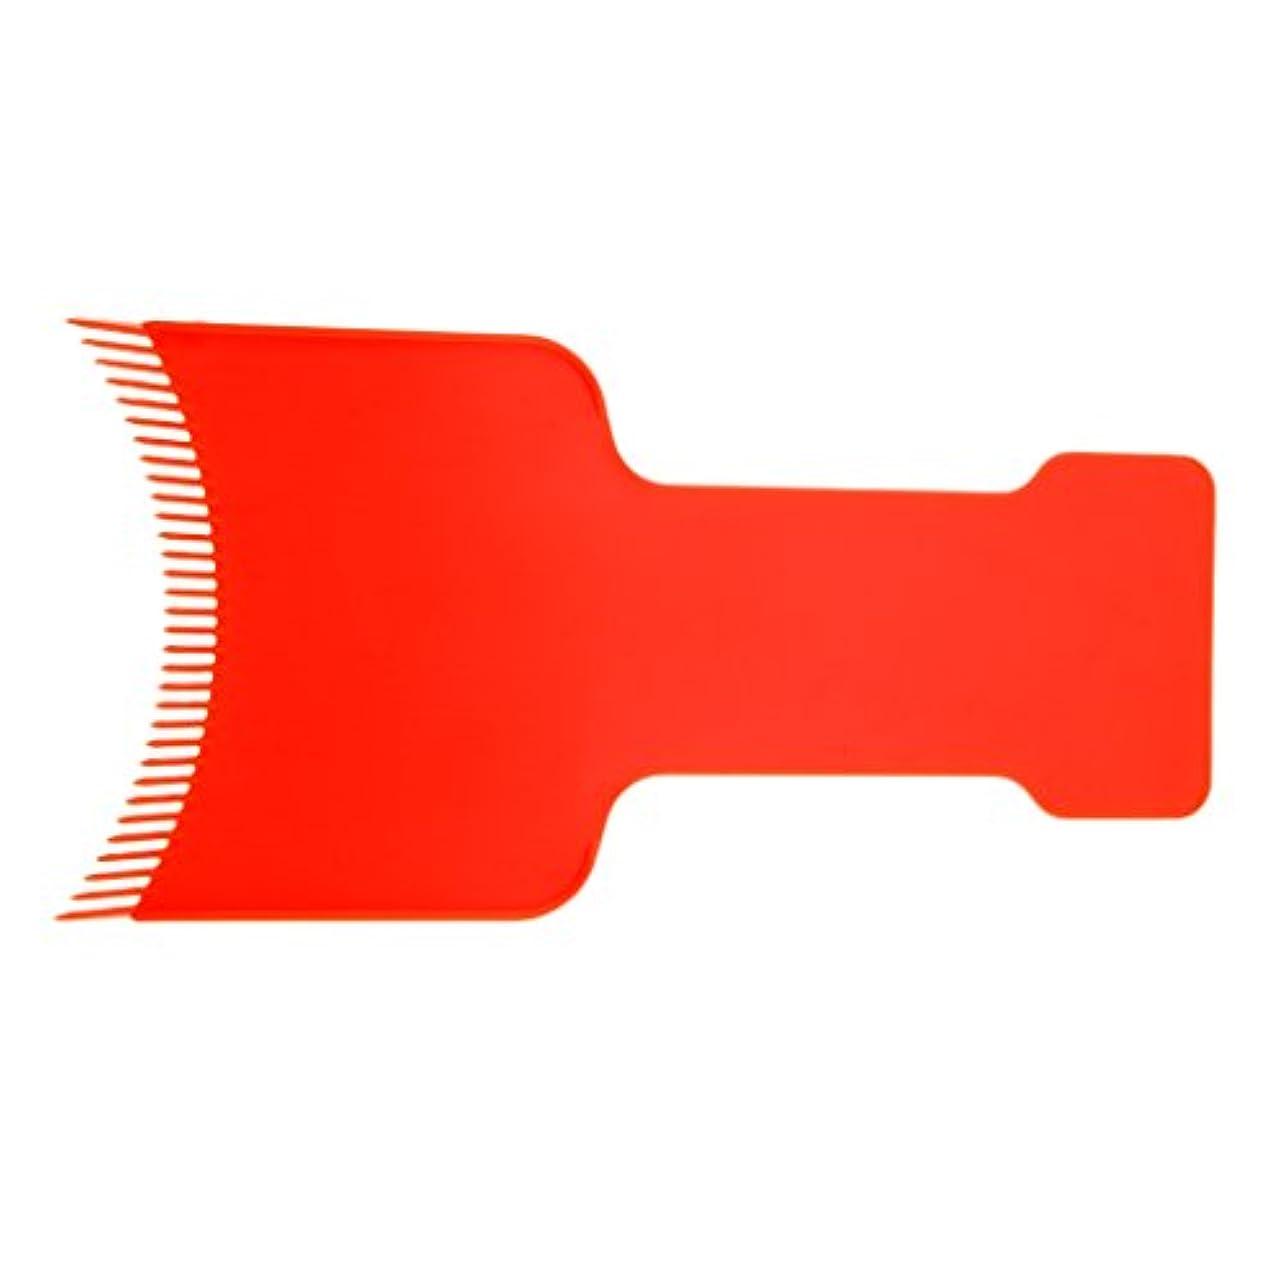 苦飢えた刺激するToygogo サロンヘアカラーボード|染毛剤プレート|理髪理髪ヘアカラーボード19x9.5 Cm